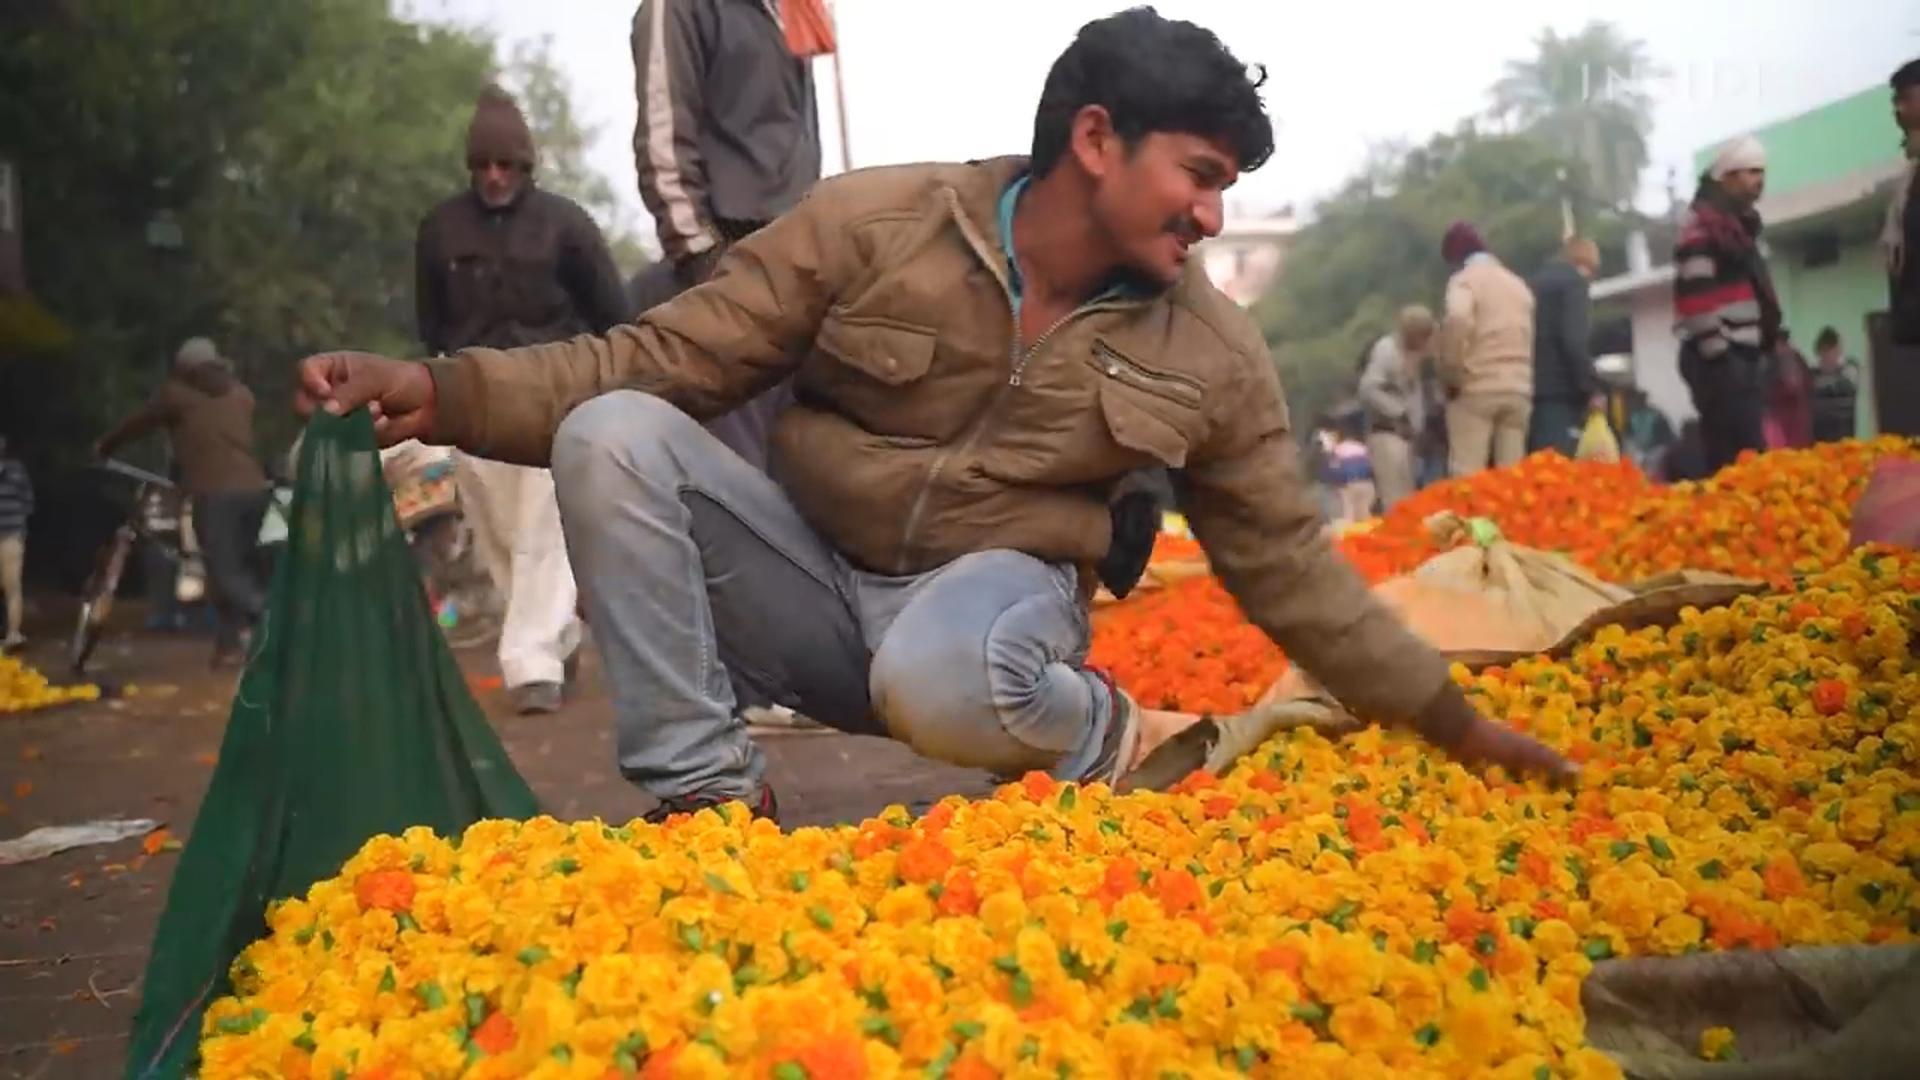 鮮花拜完難處理 印度做成線香再利用